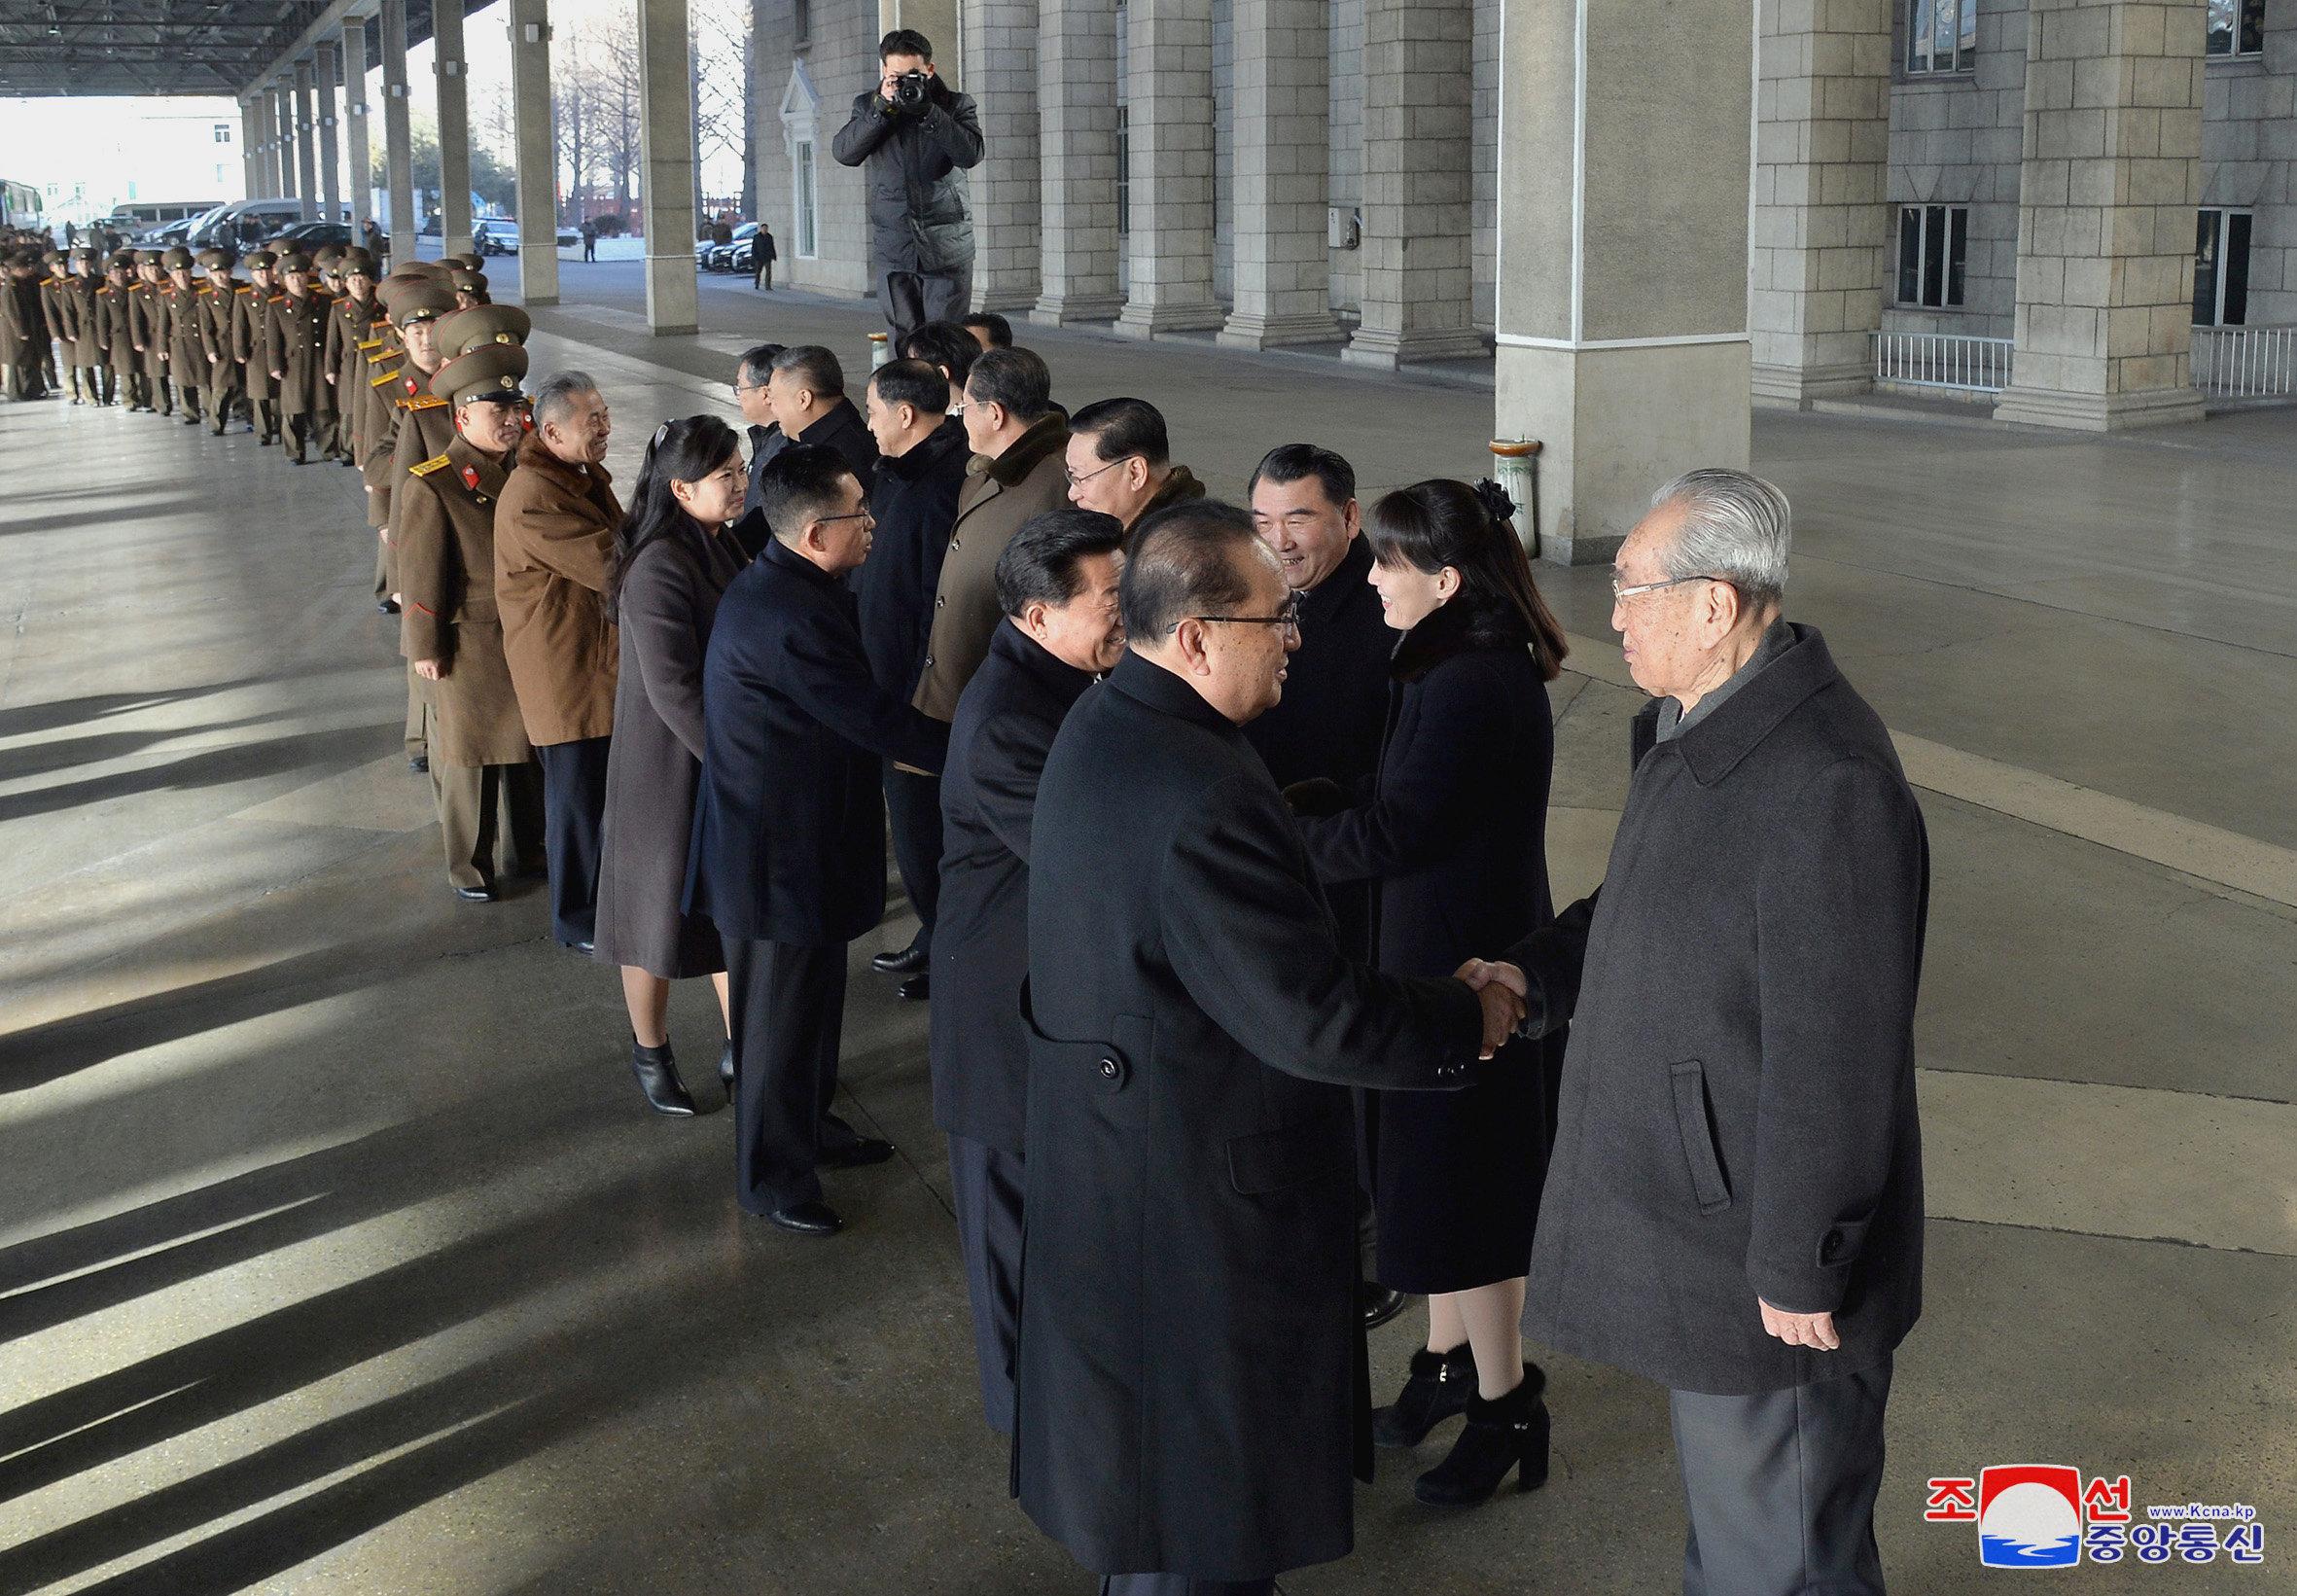 زعيم كوريا الشمالية يلتقى وفد بلاده الذى زار أمريكا (3)